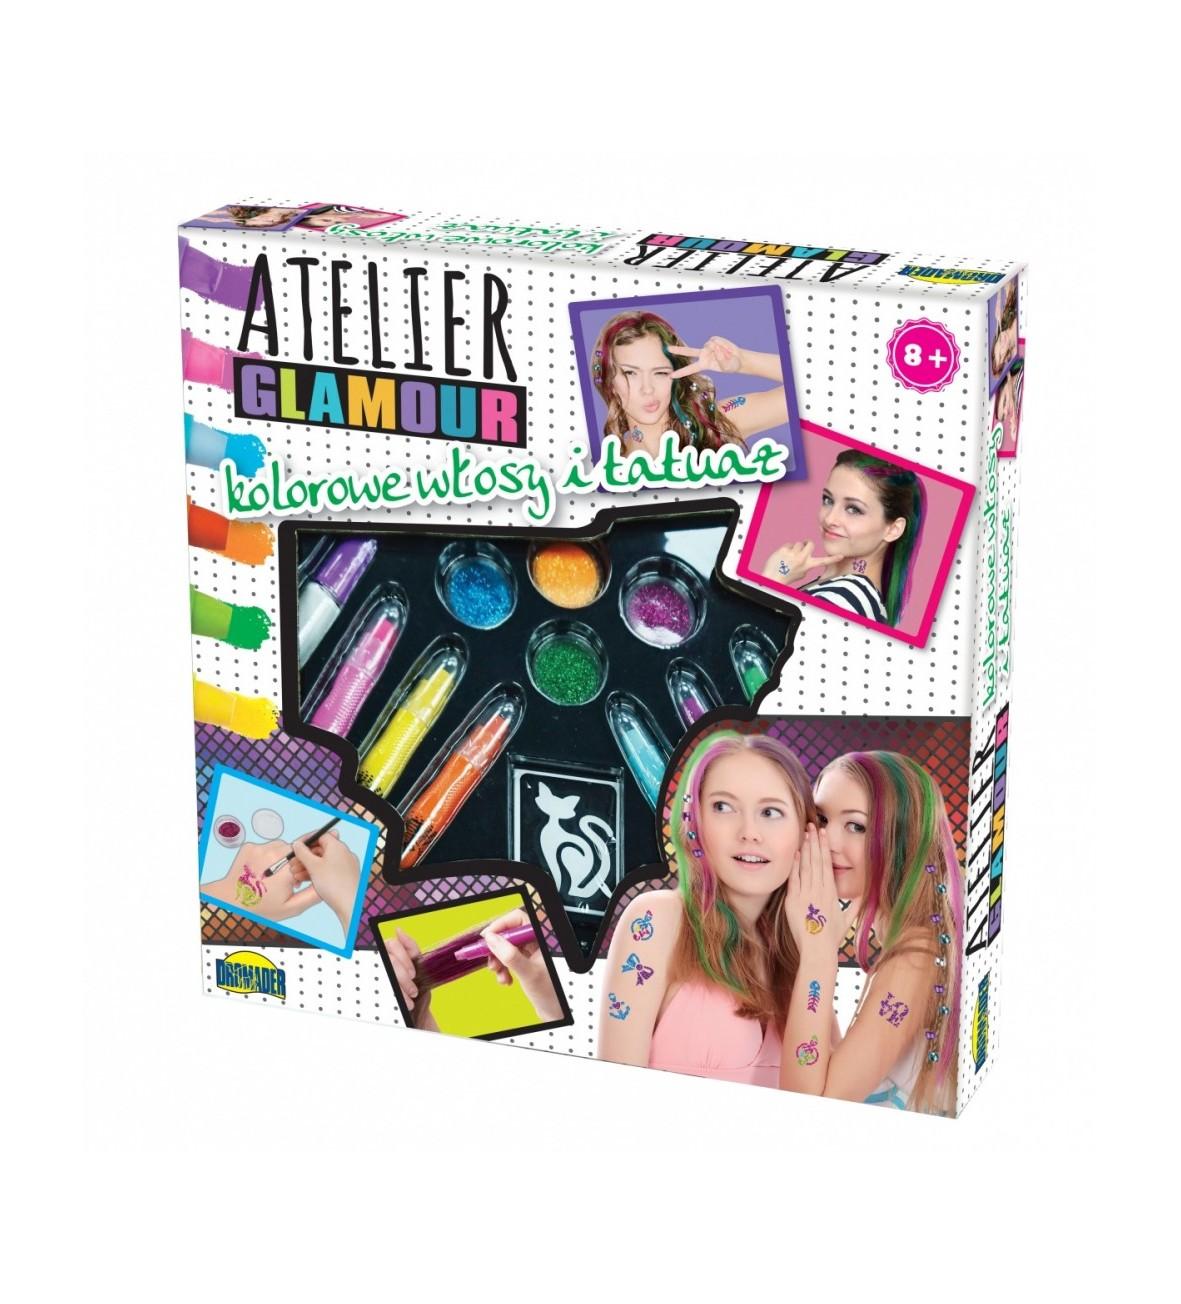 Atelier Glamour Kolorowe włosy i tatuaże